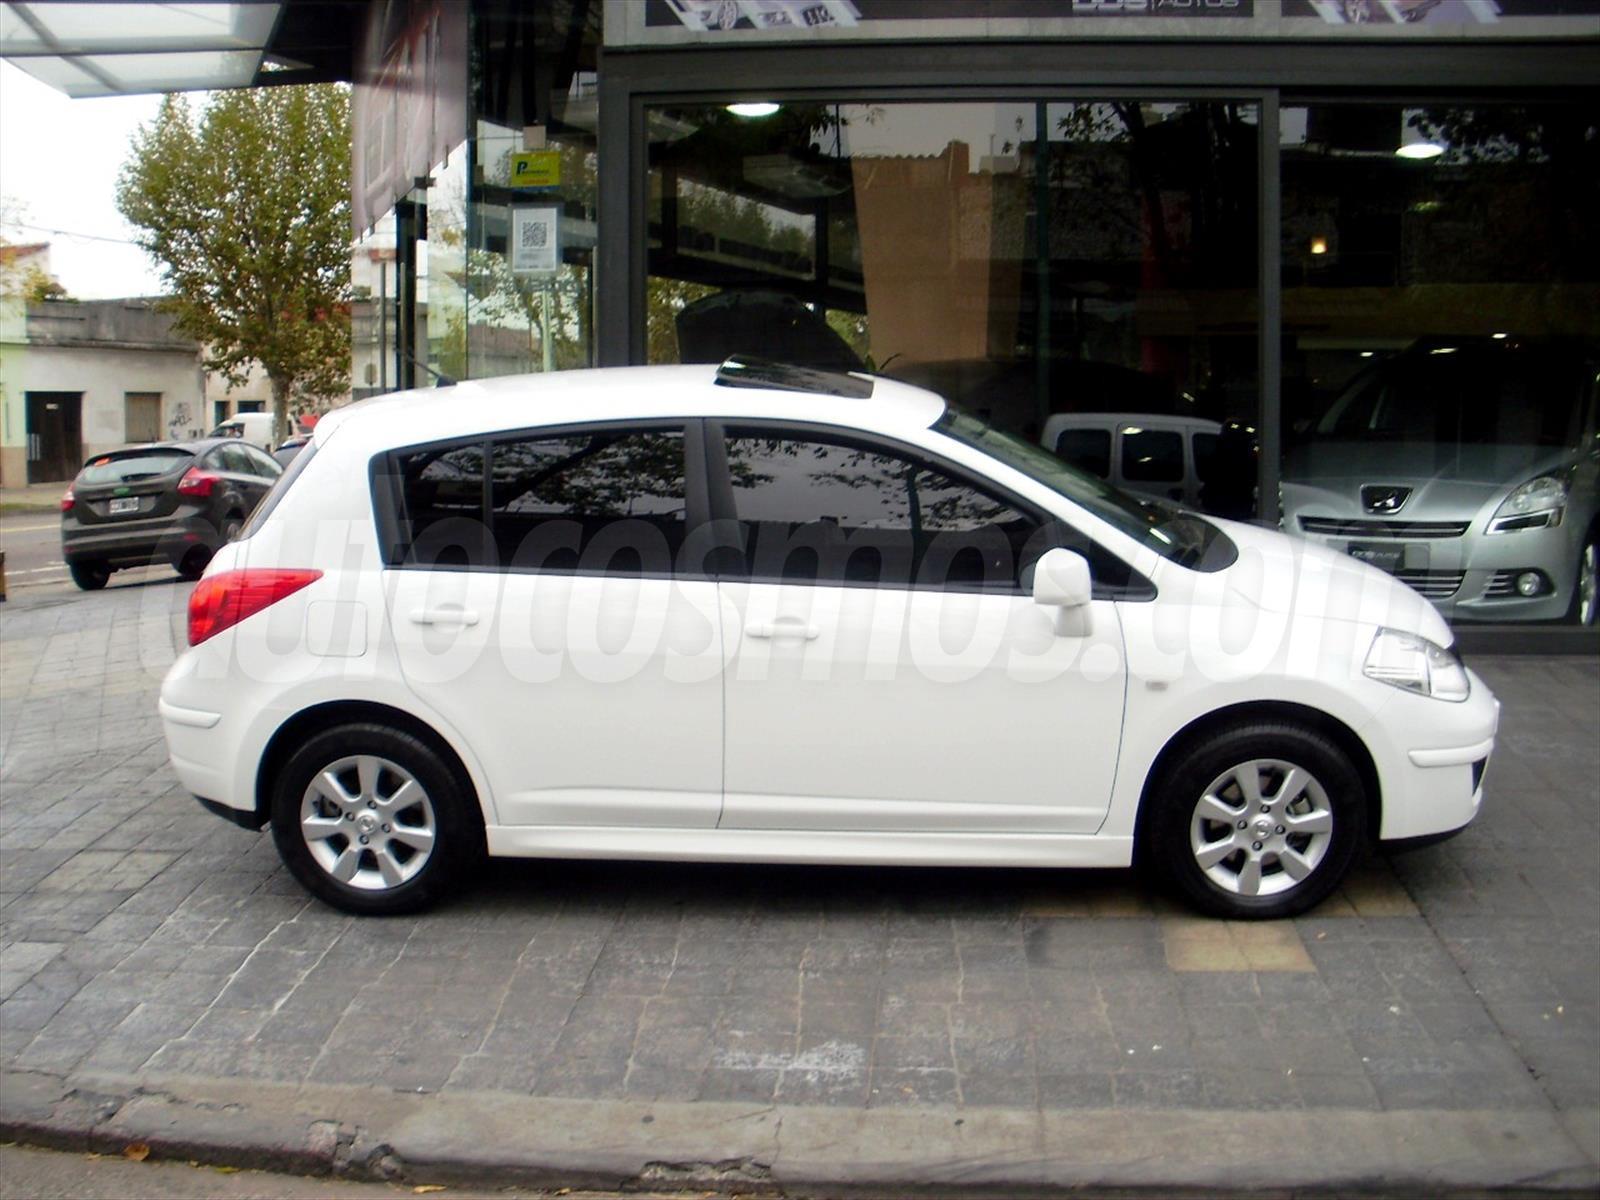 Nissan Tiida Hatchback usados en Argentina